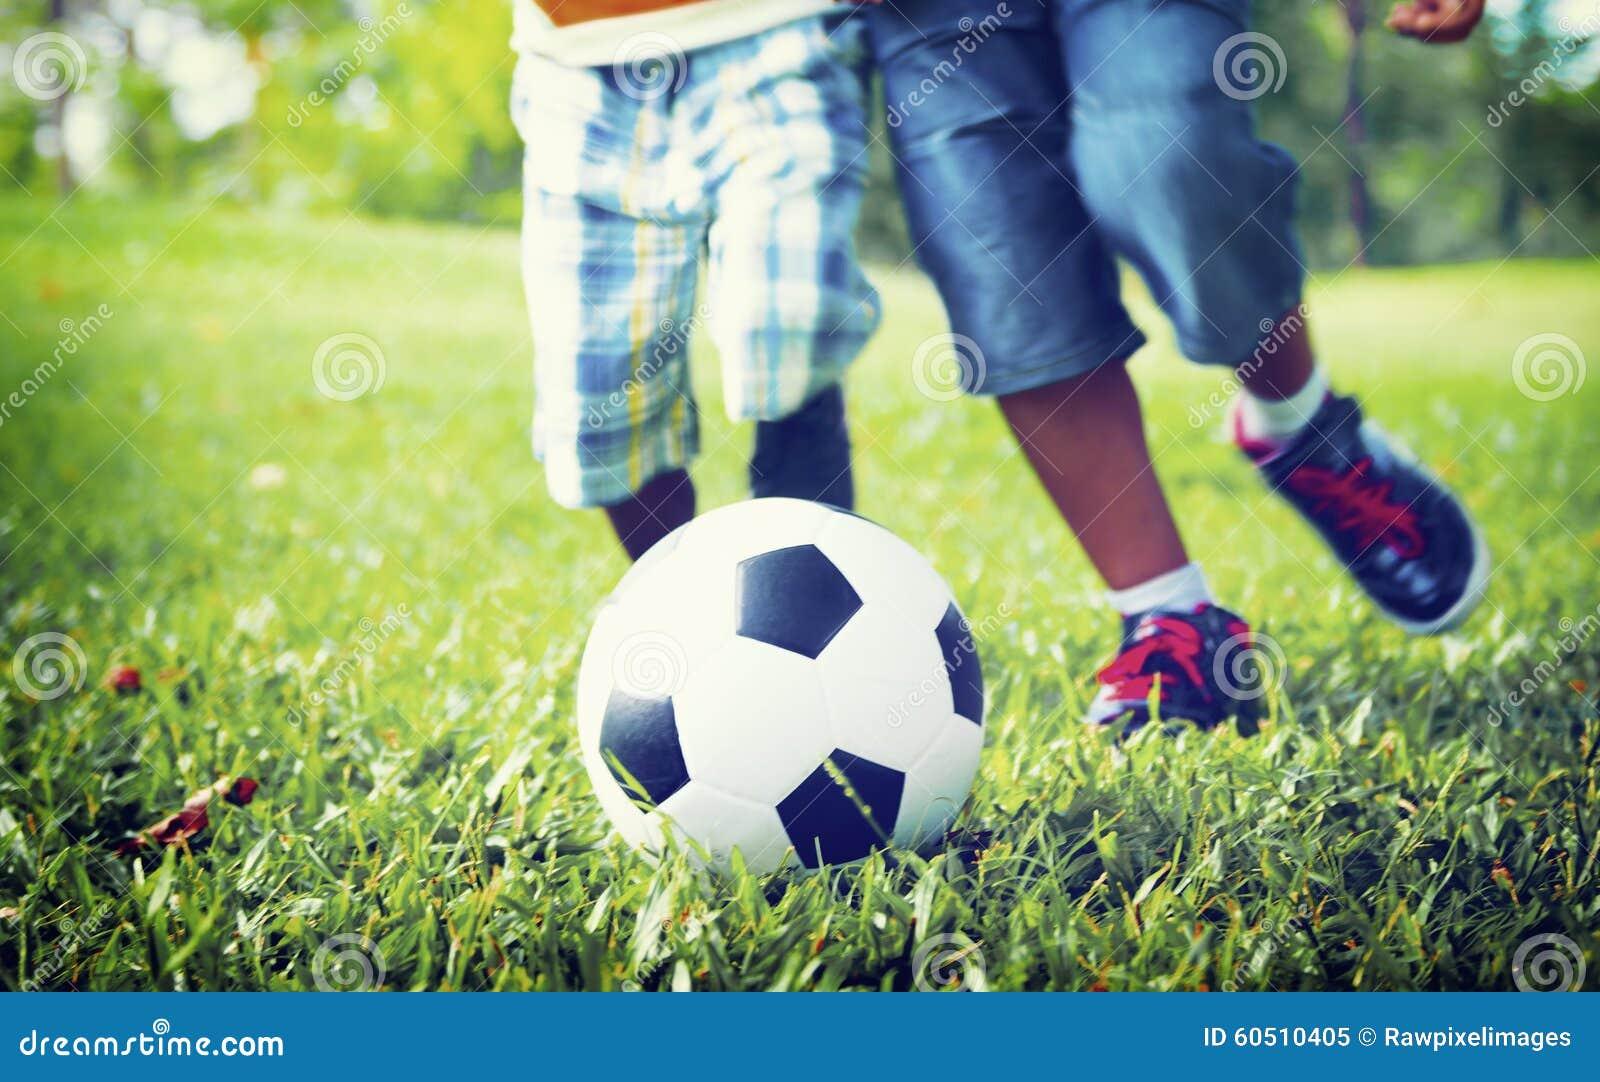 Conceito africano de Playing Football Outdoors do irmão